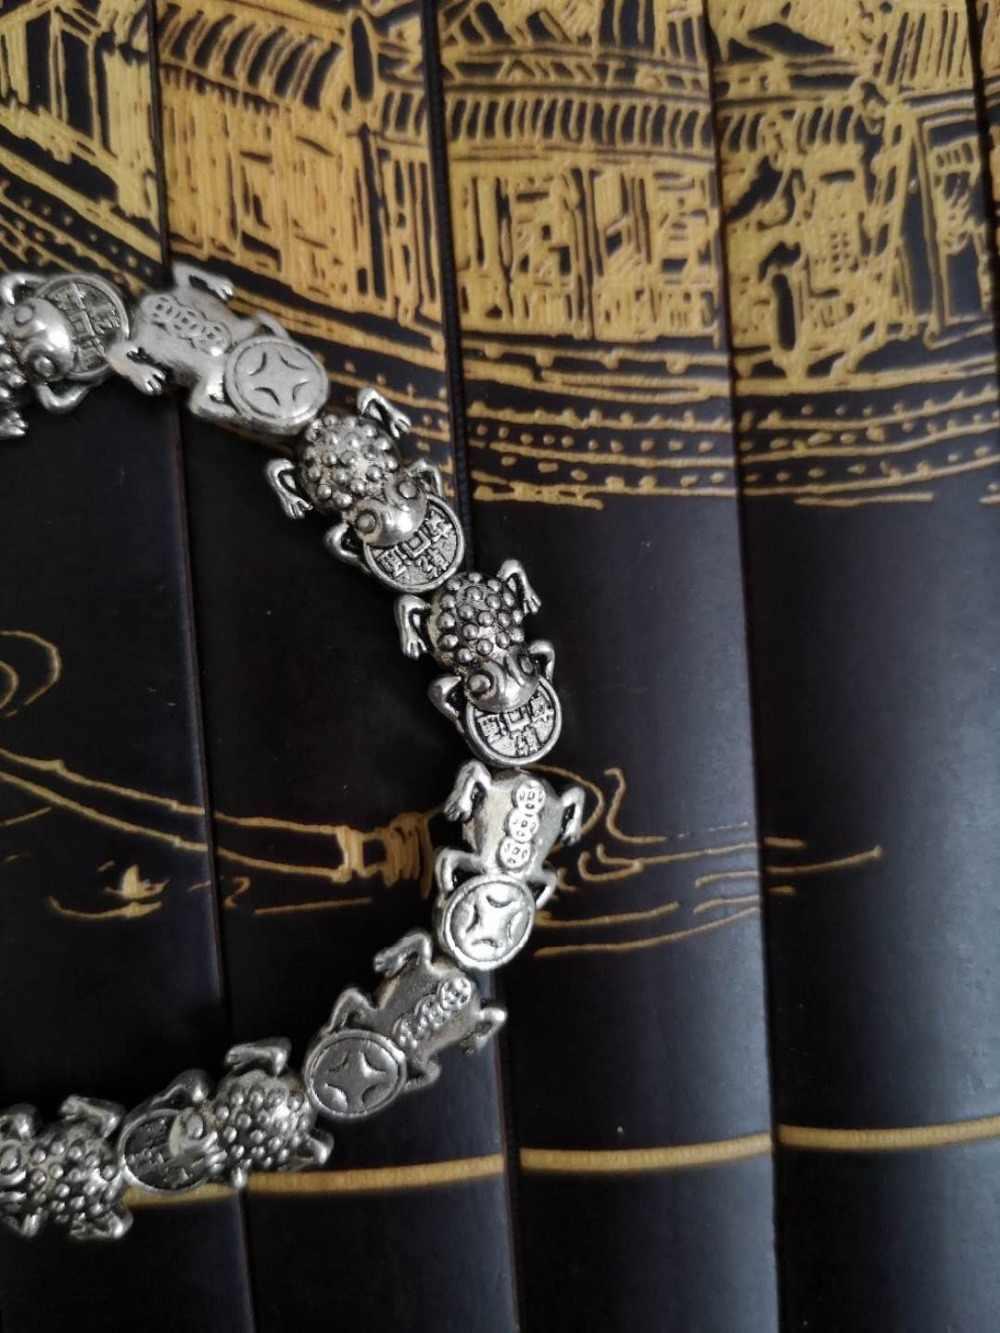 Серебряные бокалы для вина браслет, Мужской и Женский, первый орнамент, жук, «смелый и смелый».